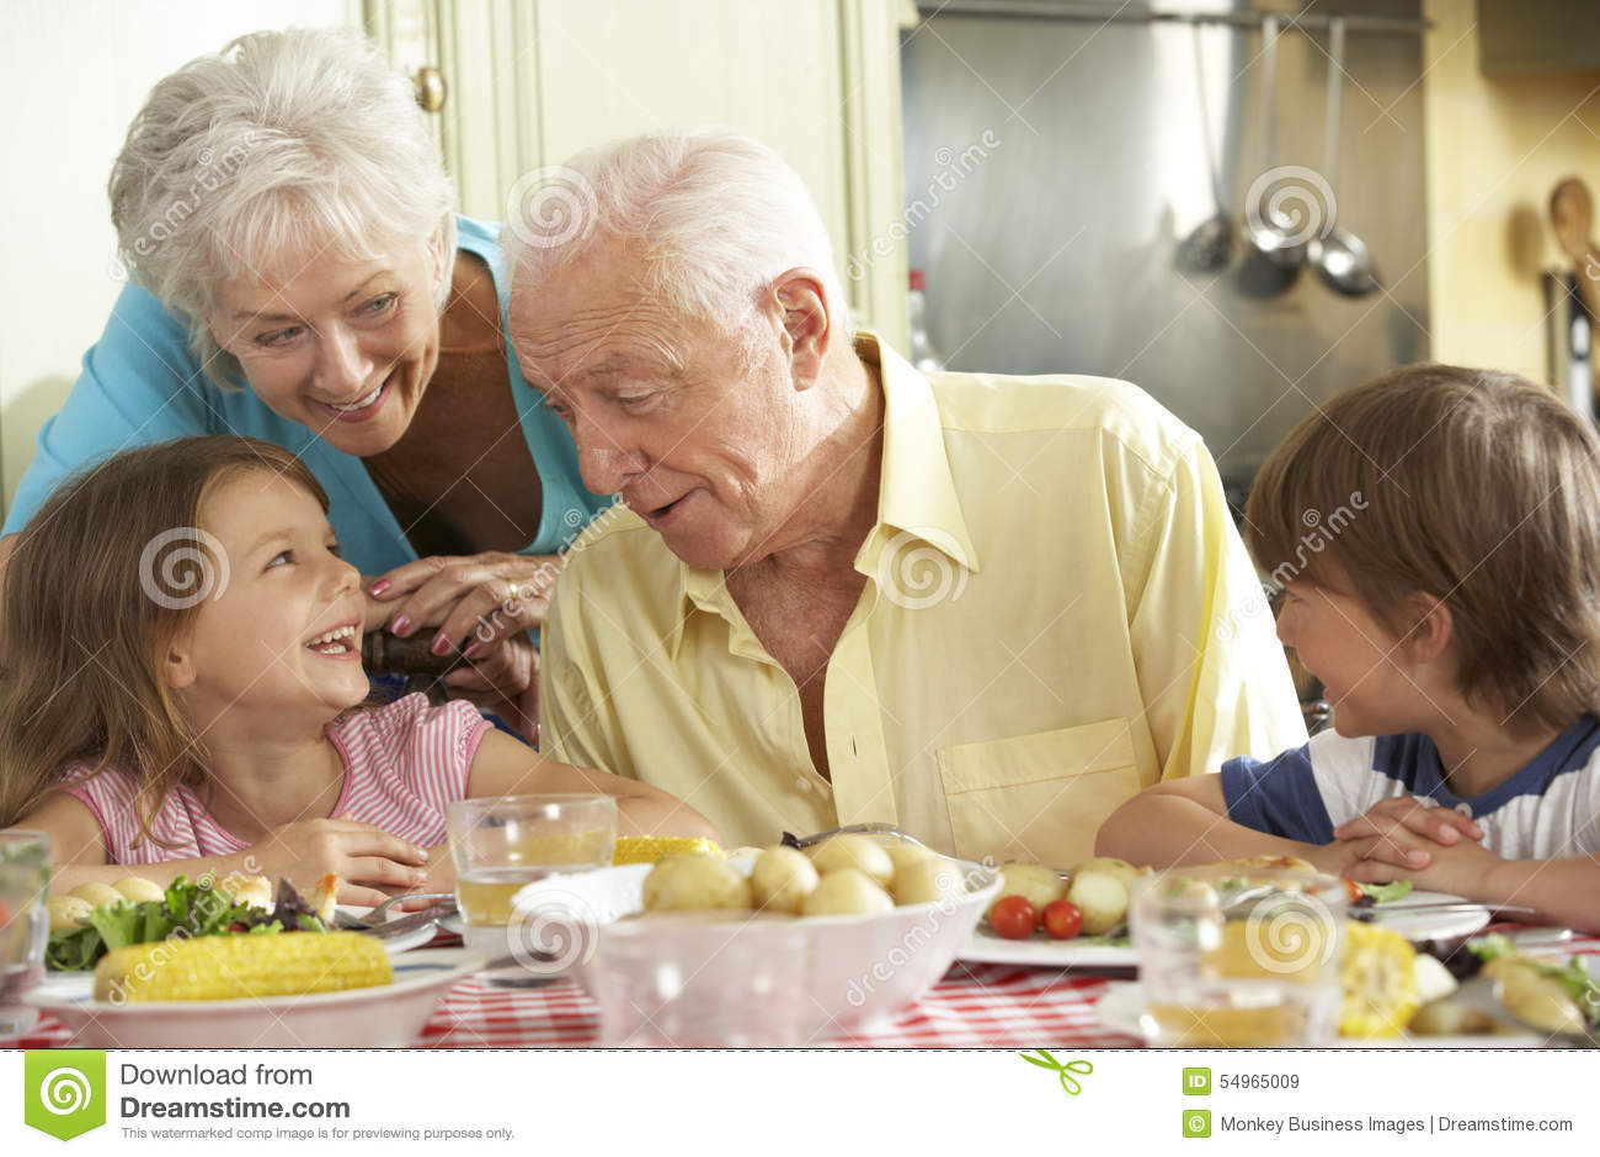 Großeltern und Enkelkinder, die zusammen Mahlzeit in der Küche essen